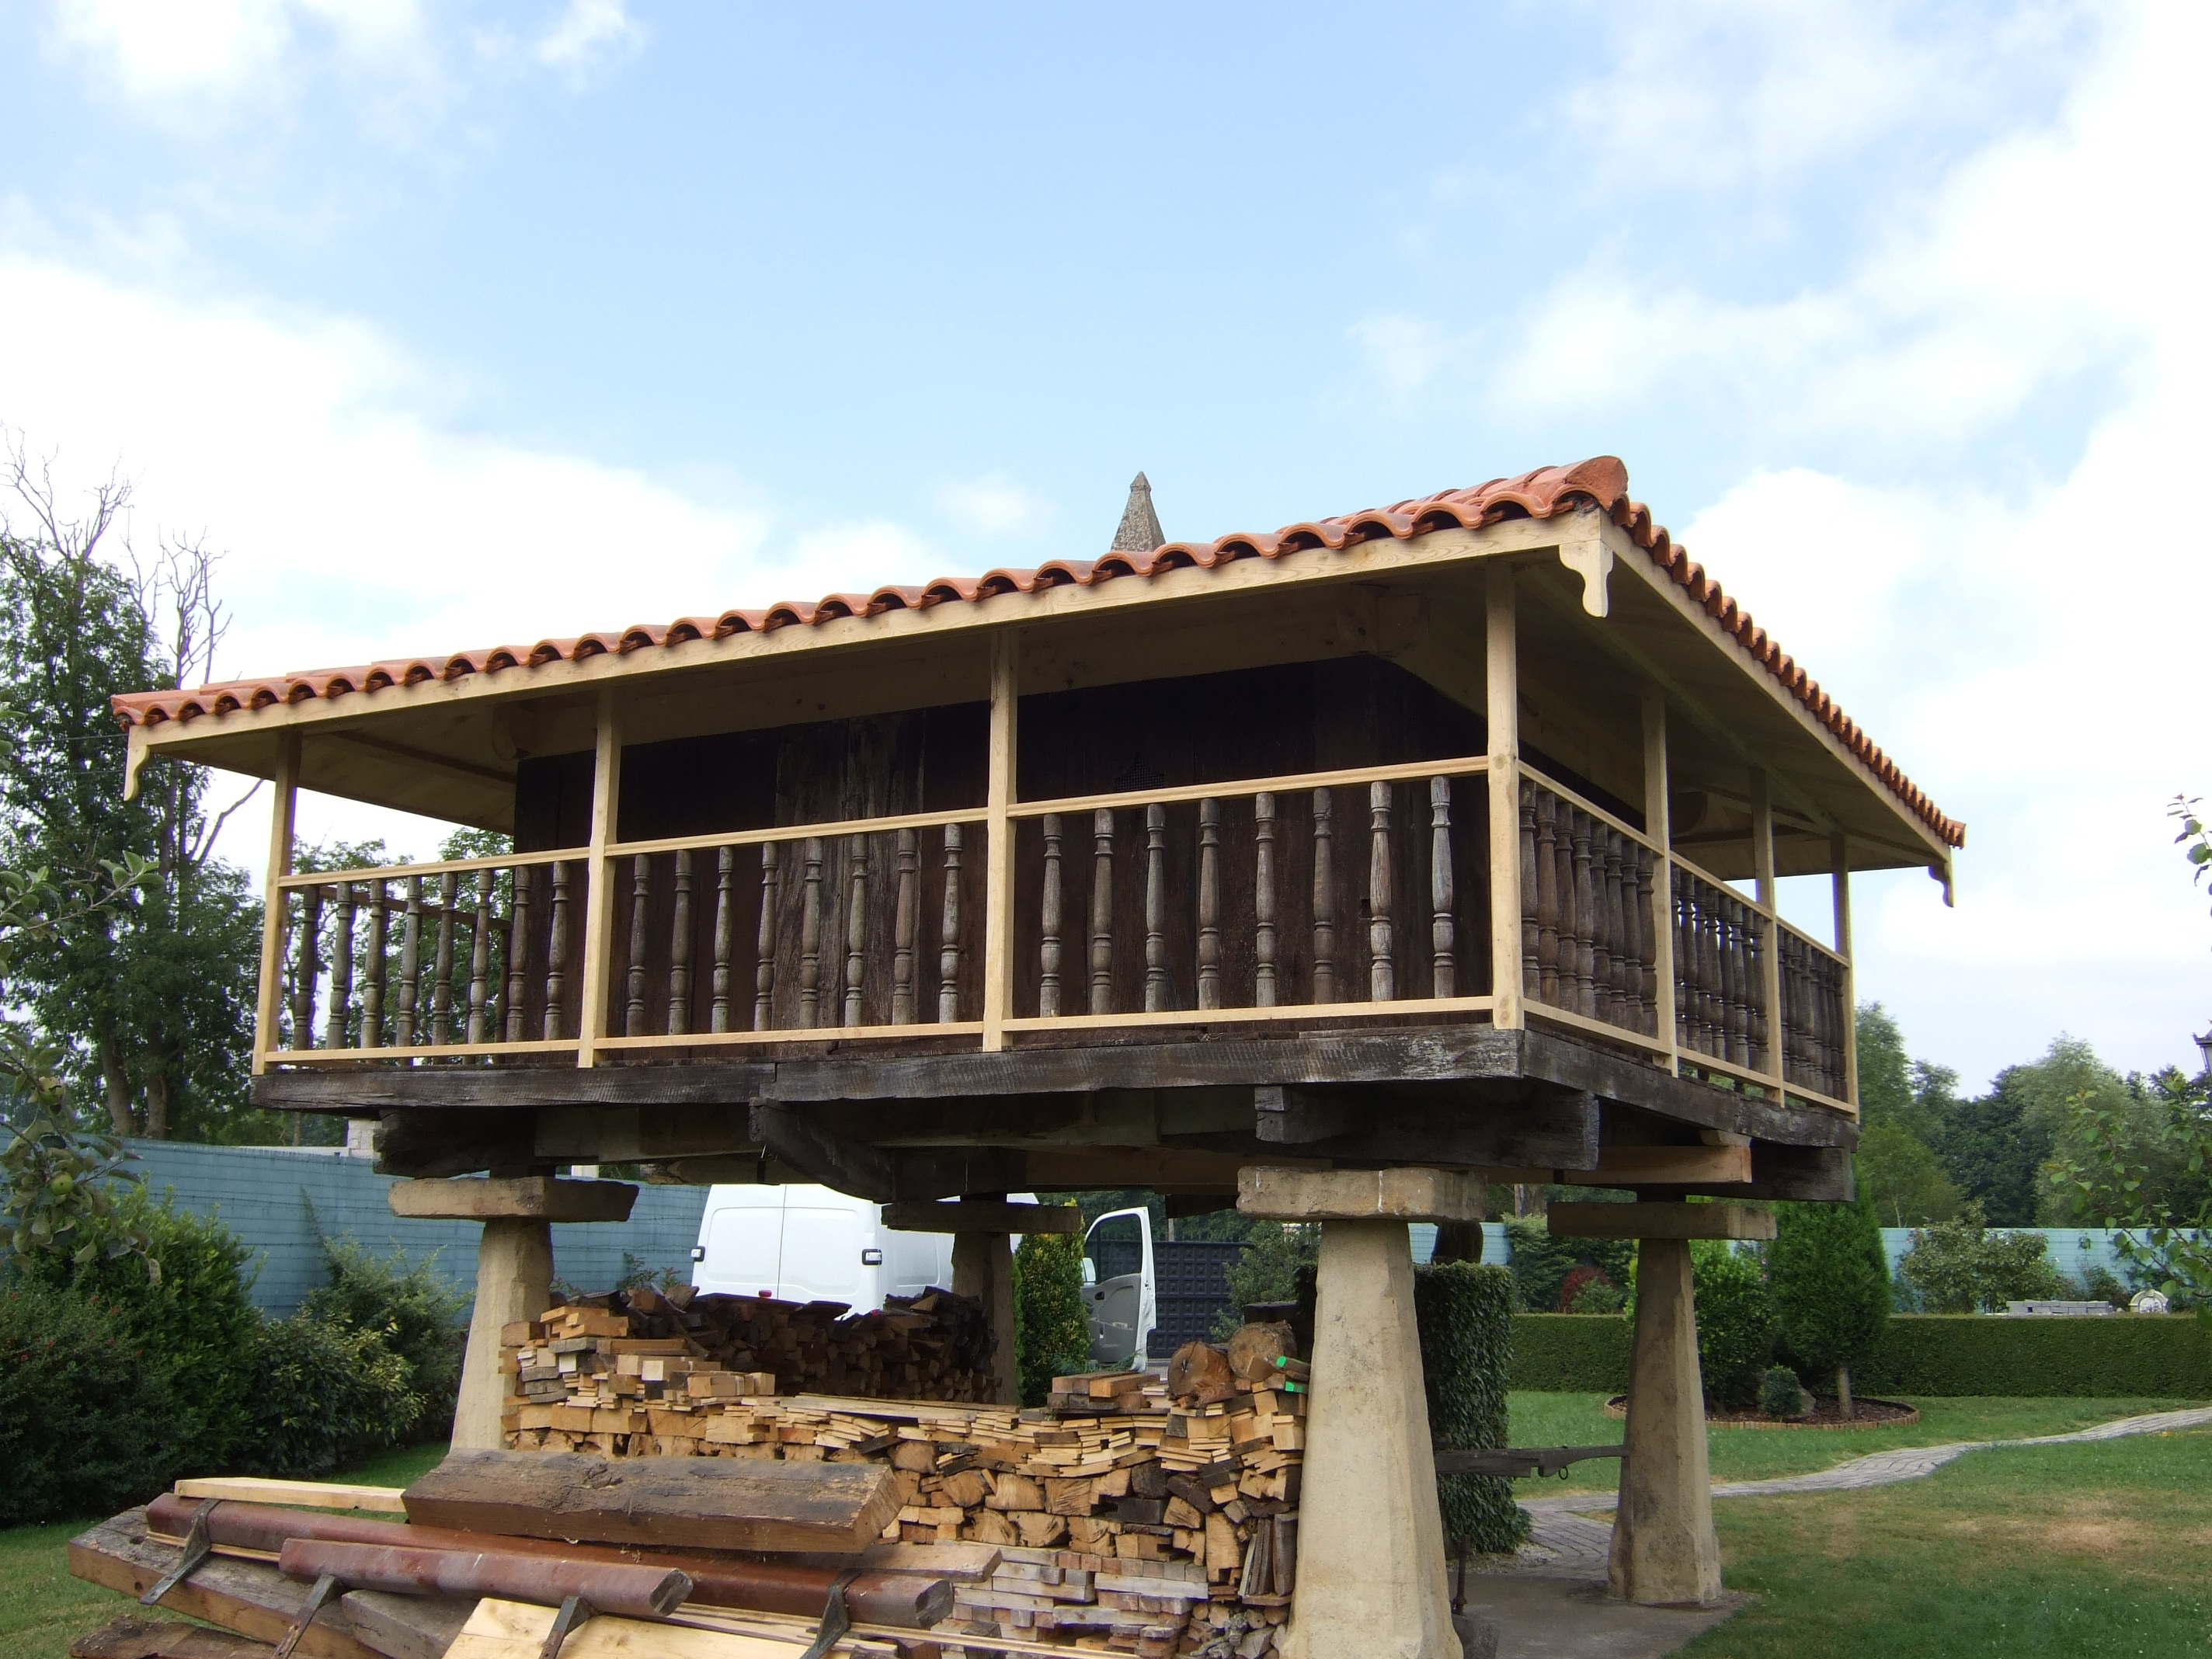 Nuevo tejado y columnas